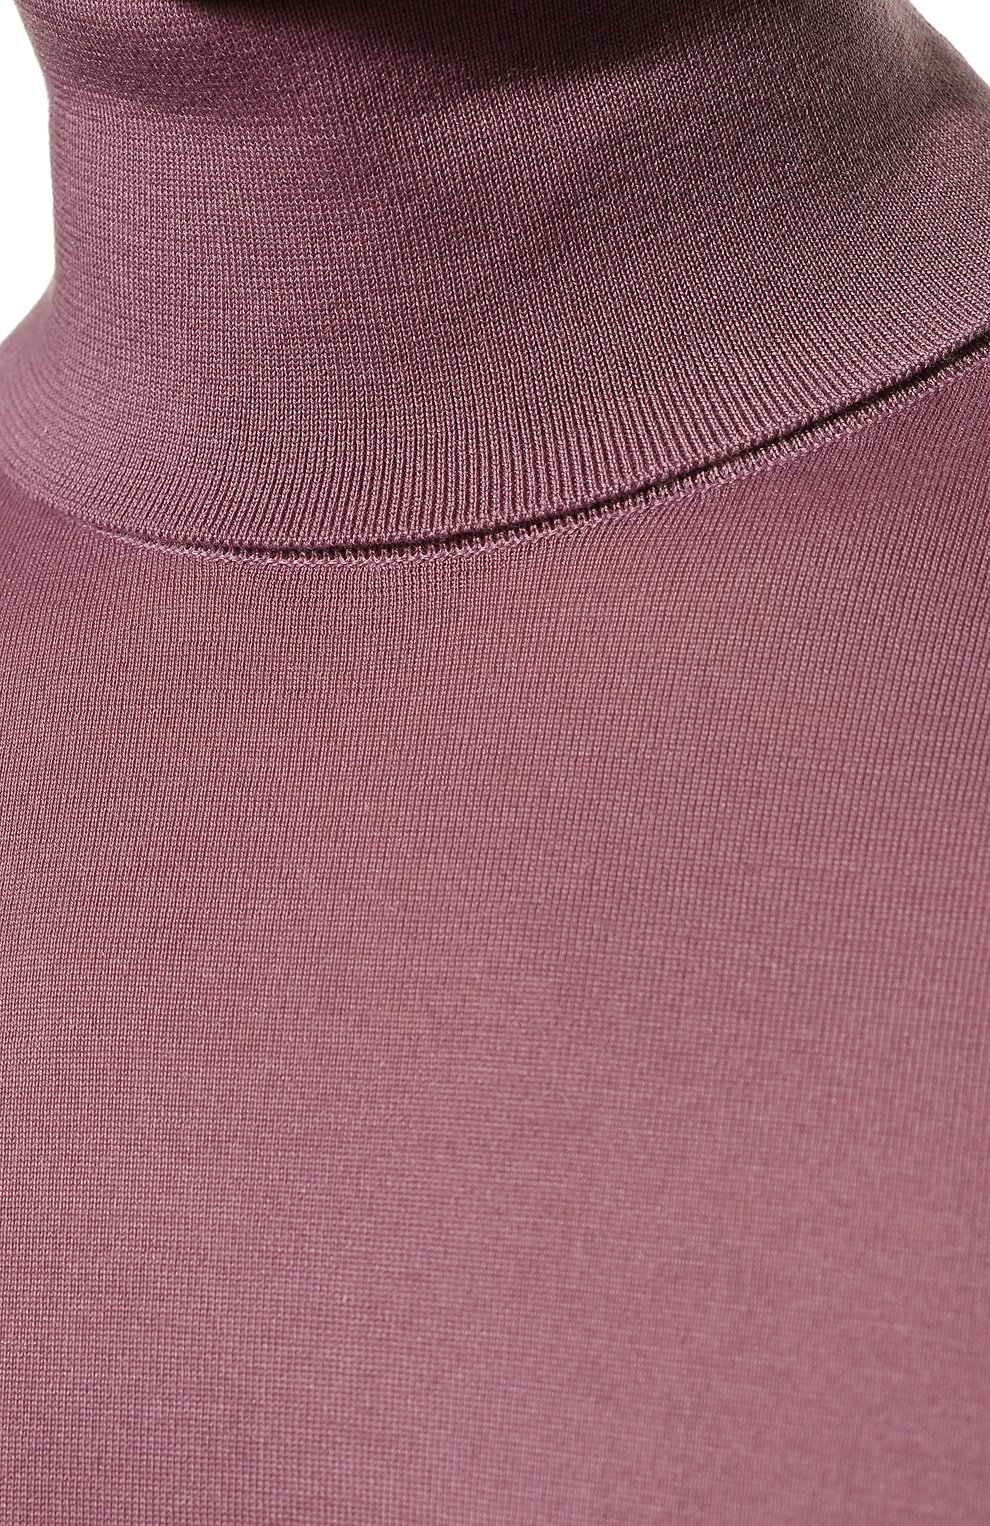 Мужской кашемировая водолазка DOLCE & GABBANA розового цвета, арт. GXB00T/JAW20   Фото 5 (Материал внешний: Шерсть, Кашемир; Рукава: Длинные; Принт: Без принта; Длина (для топов): Стандартные; Мужское Кросс-КТ: Водолазка-одежда; Стили: Кэжуэл)